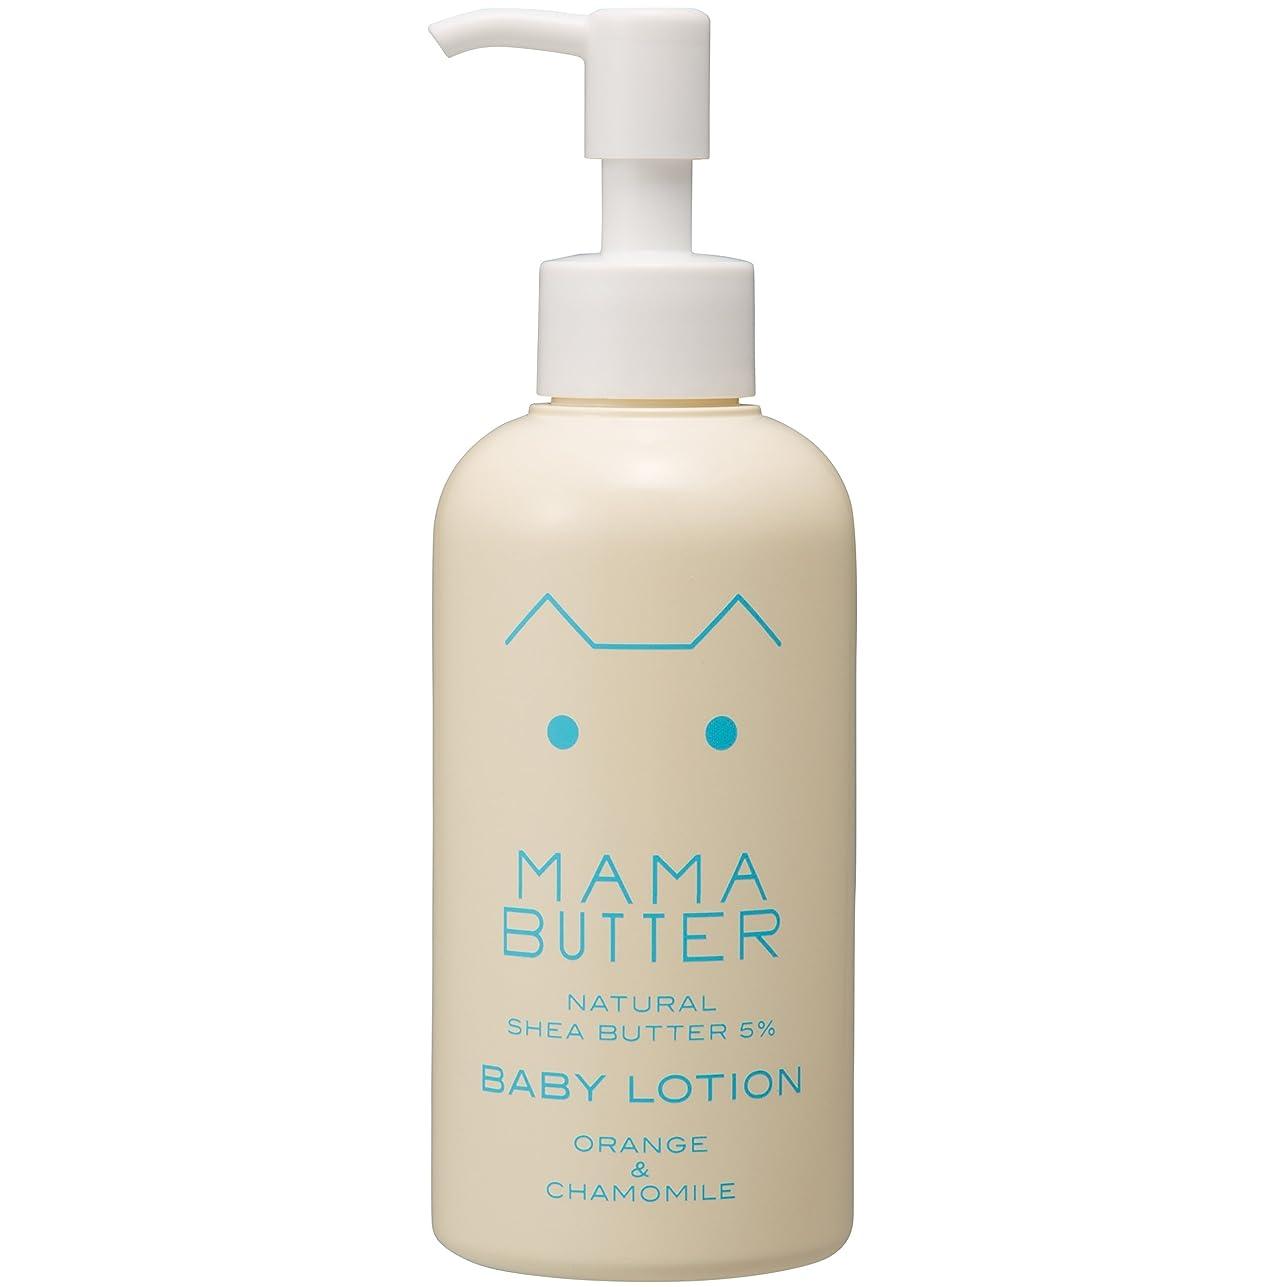 降雨アクセスベアリングママバター ベビーローション 天然 オレンジ&カモミールの香り 180ml